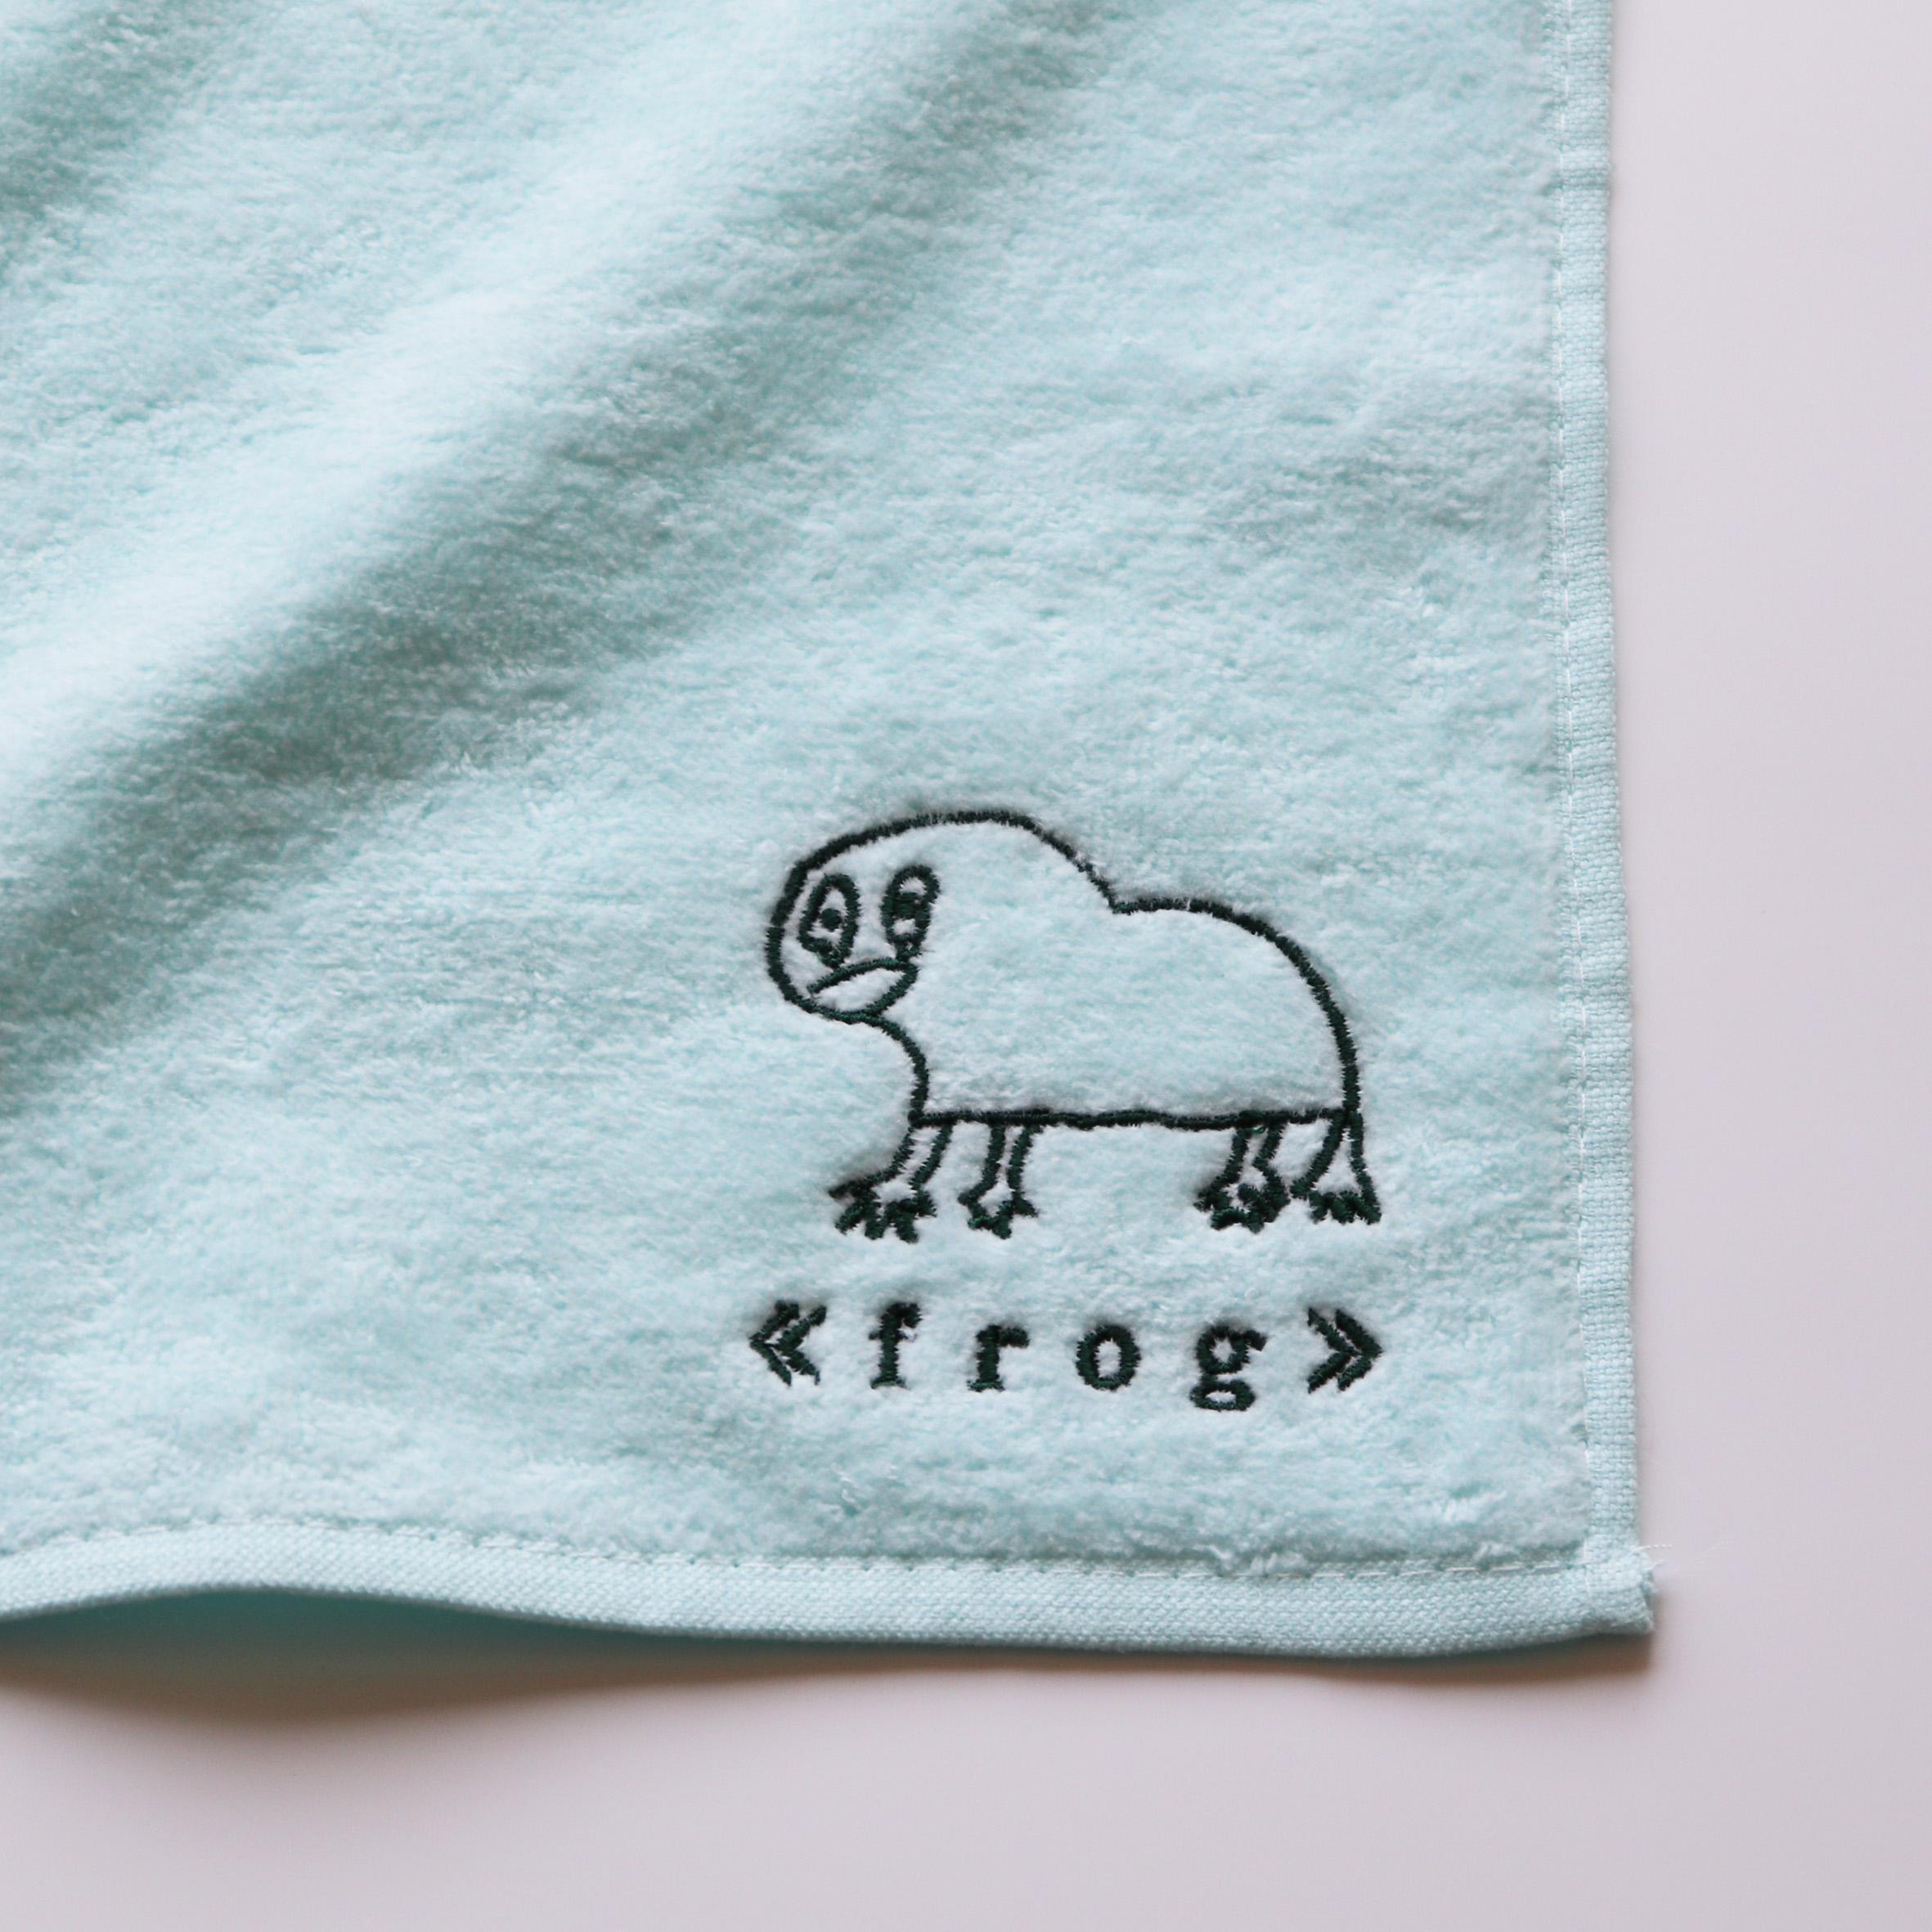 【16669】<br>オリジナル刺繍/B位置<br>NSシリーズ<br>ミニタオル<br>ブルー